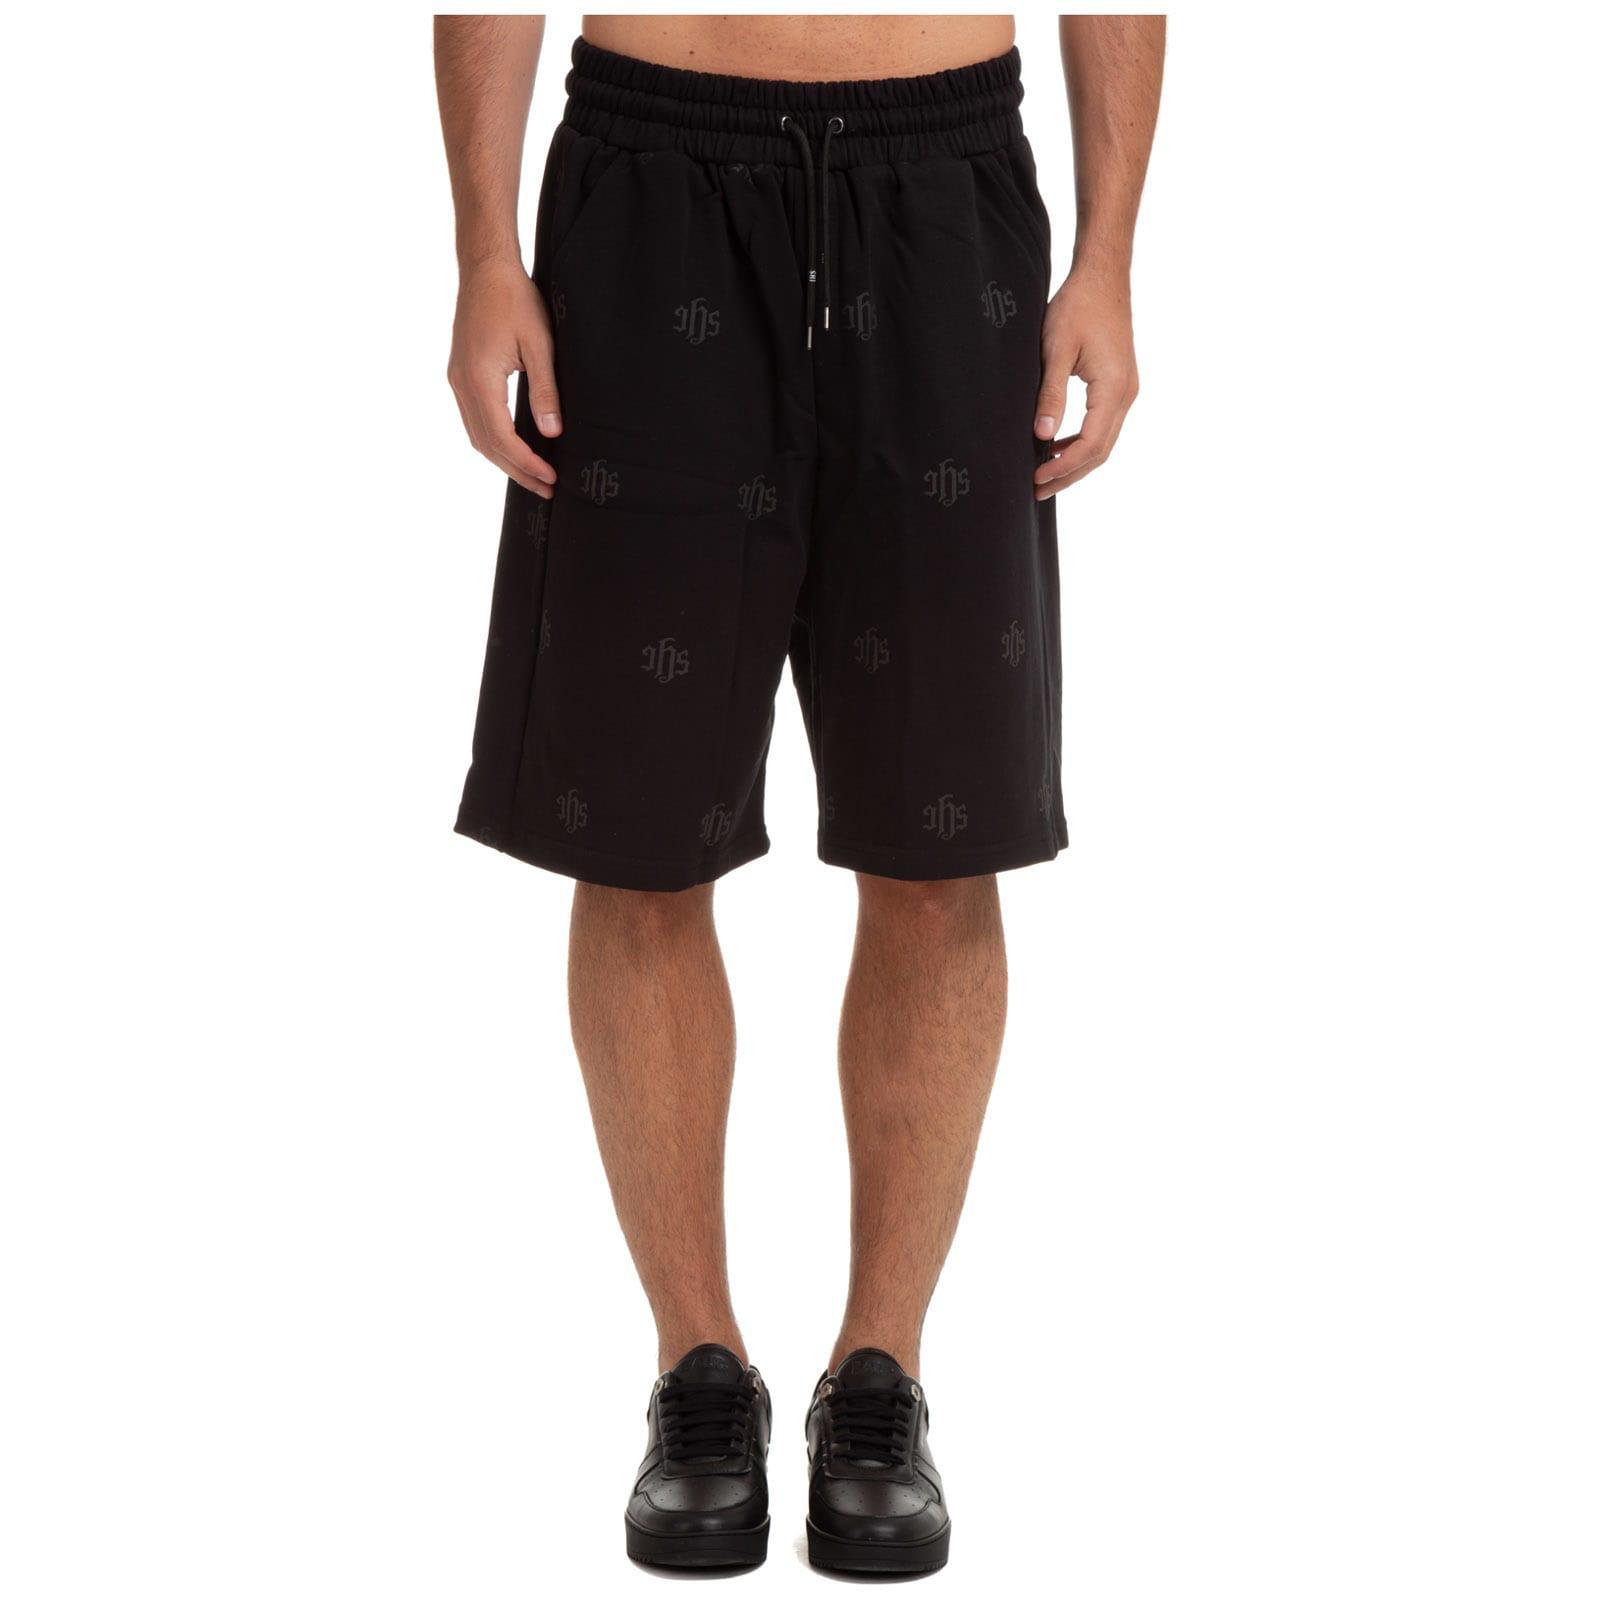 Reflective Flames Shorts